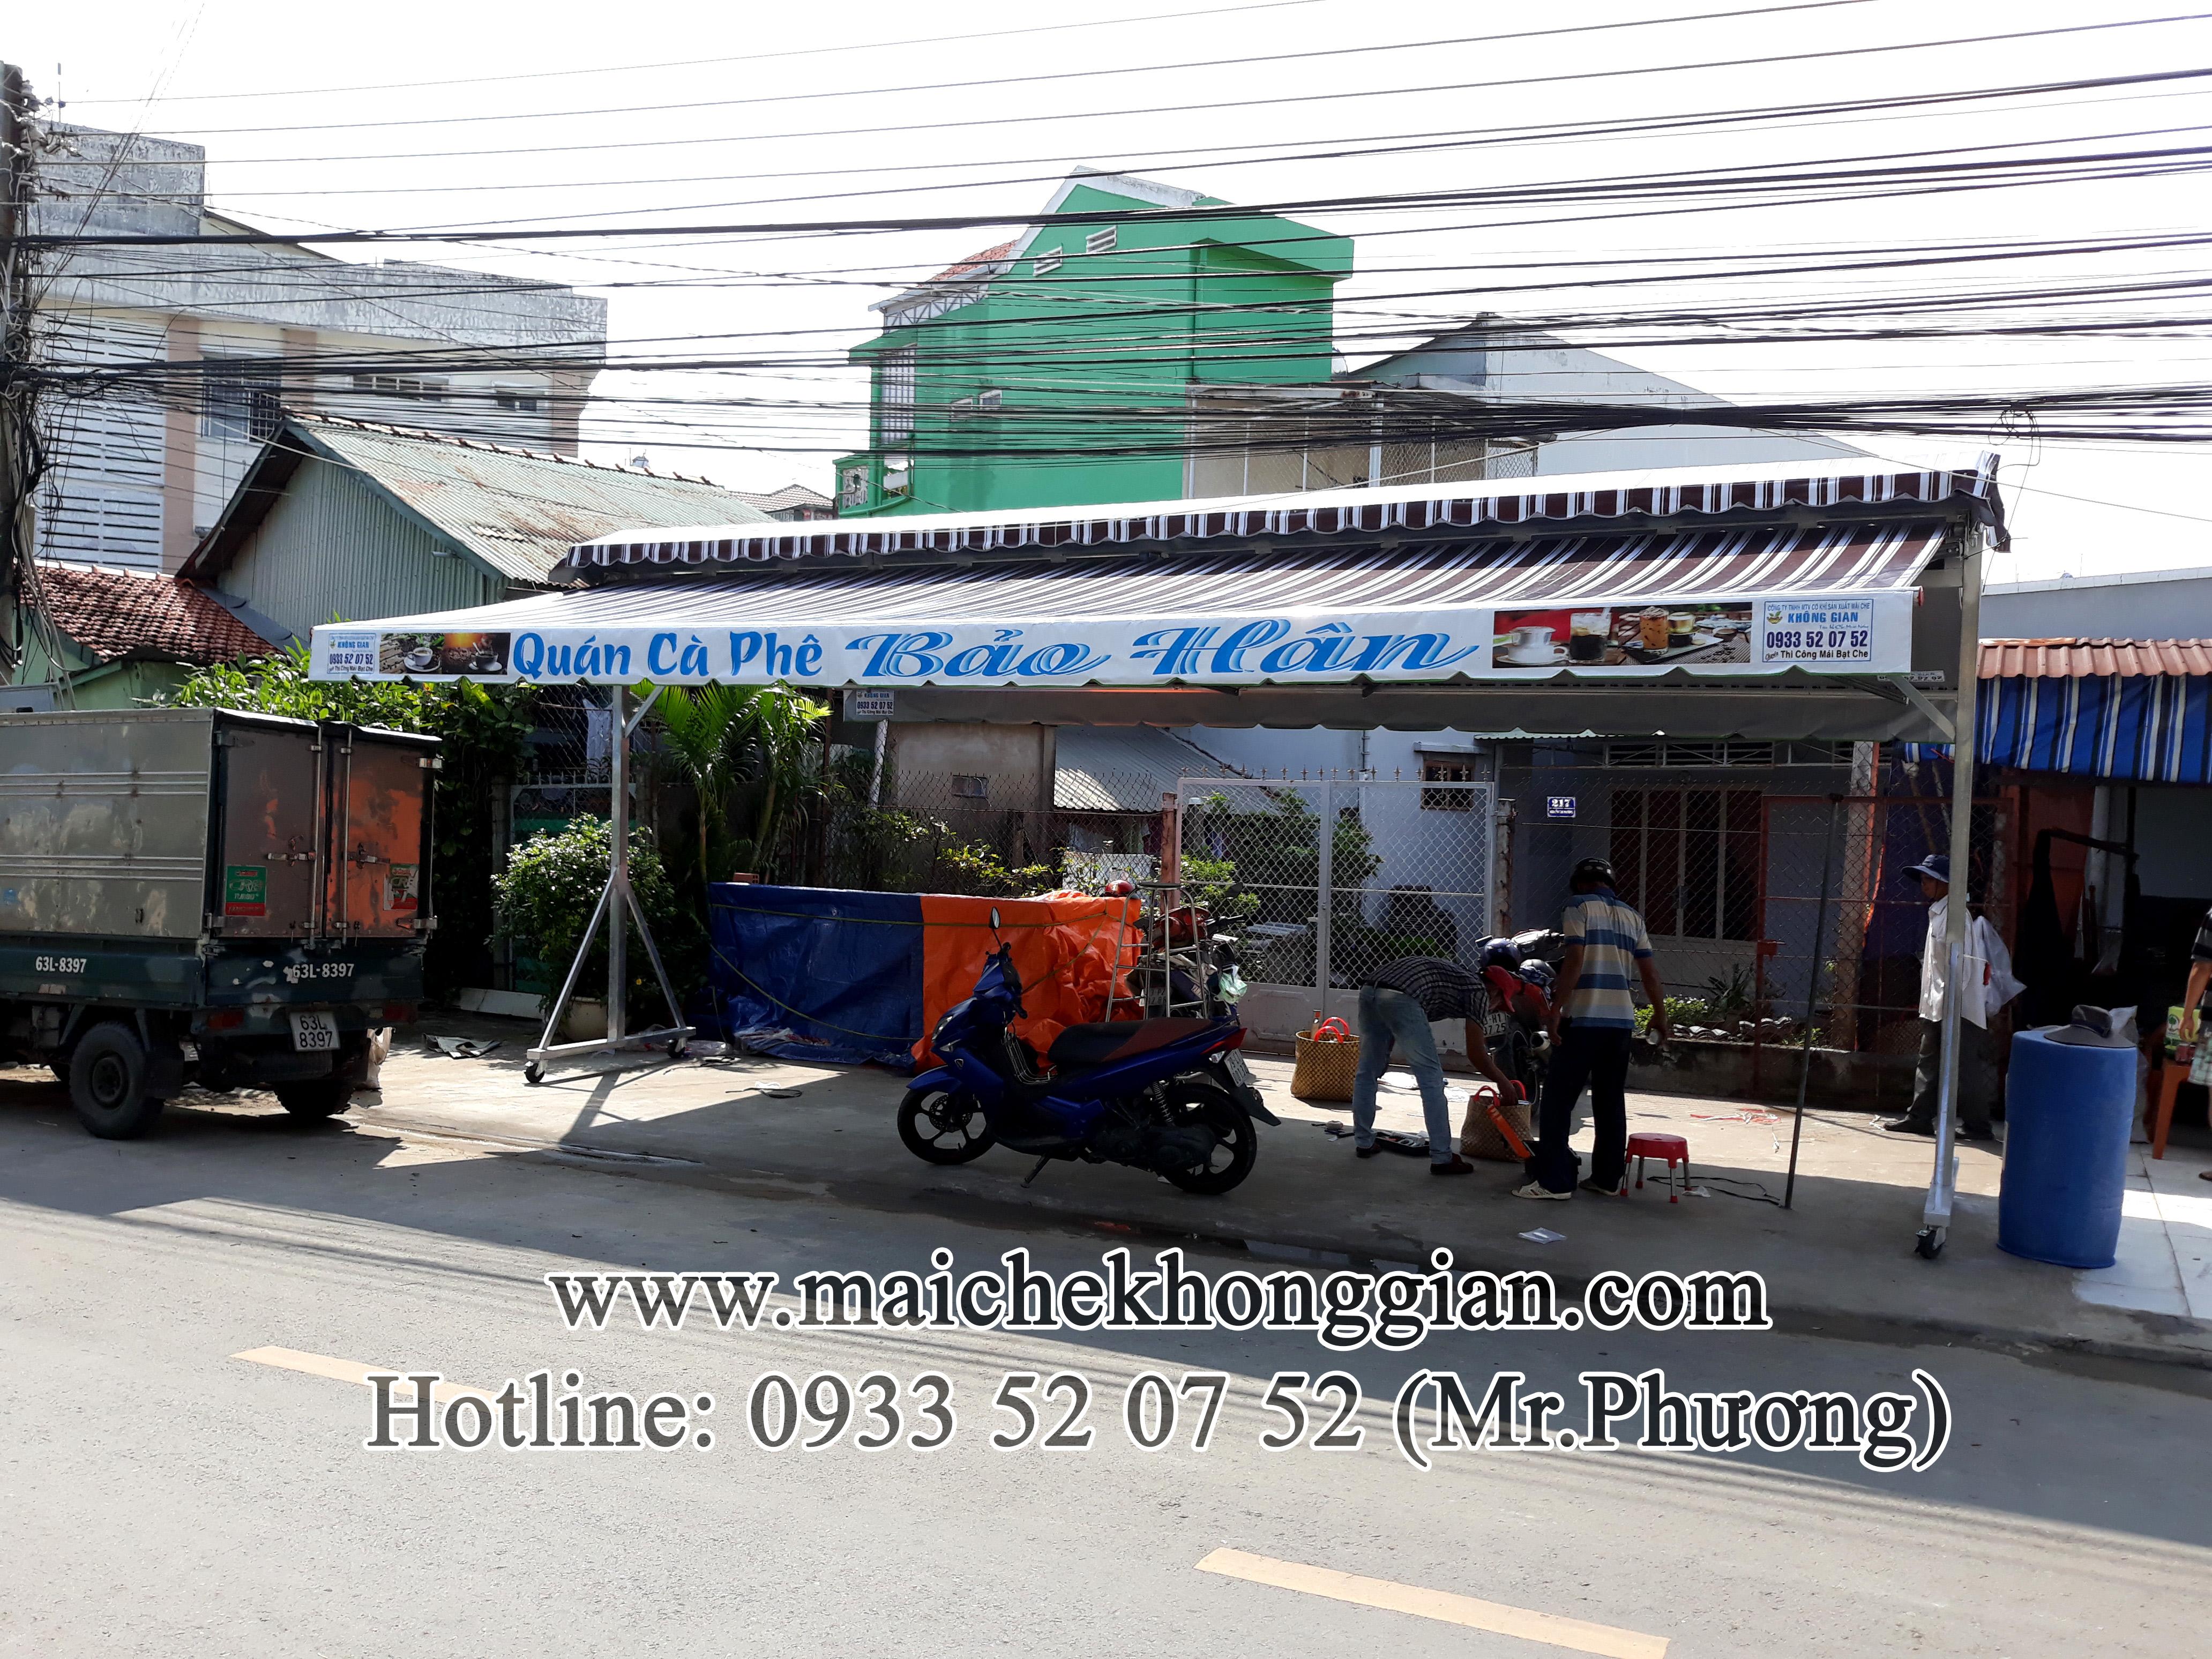 Mái Che Lưu Động Huyện Tam Bình Vĩnh Long